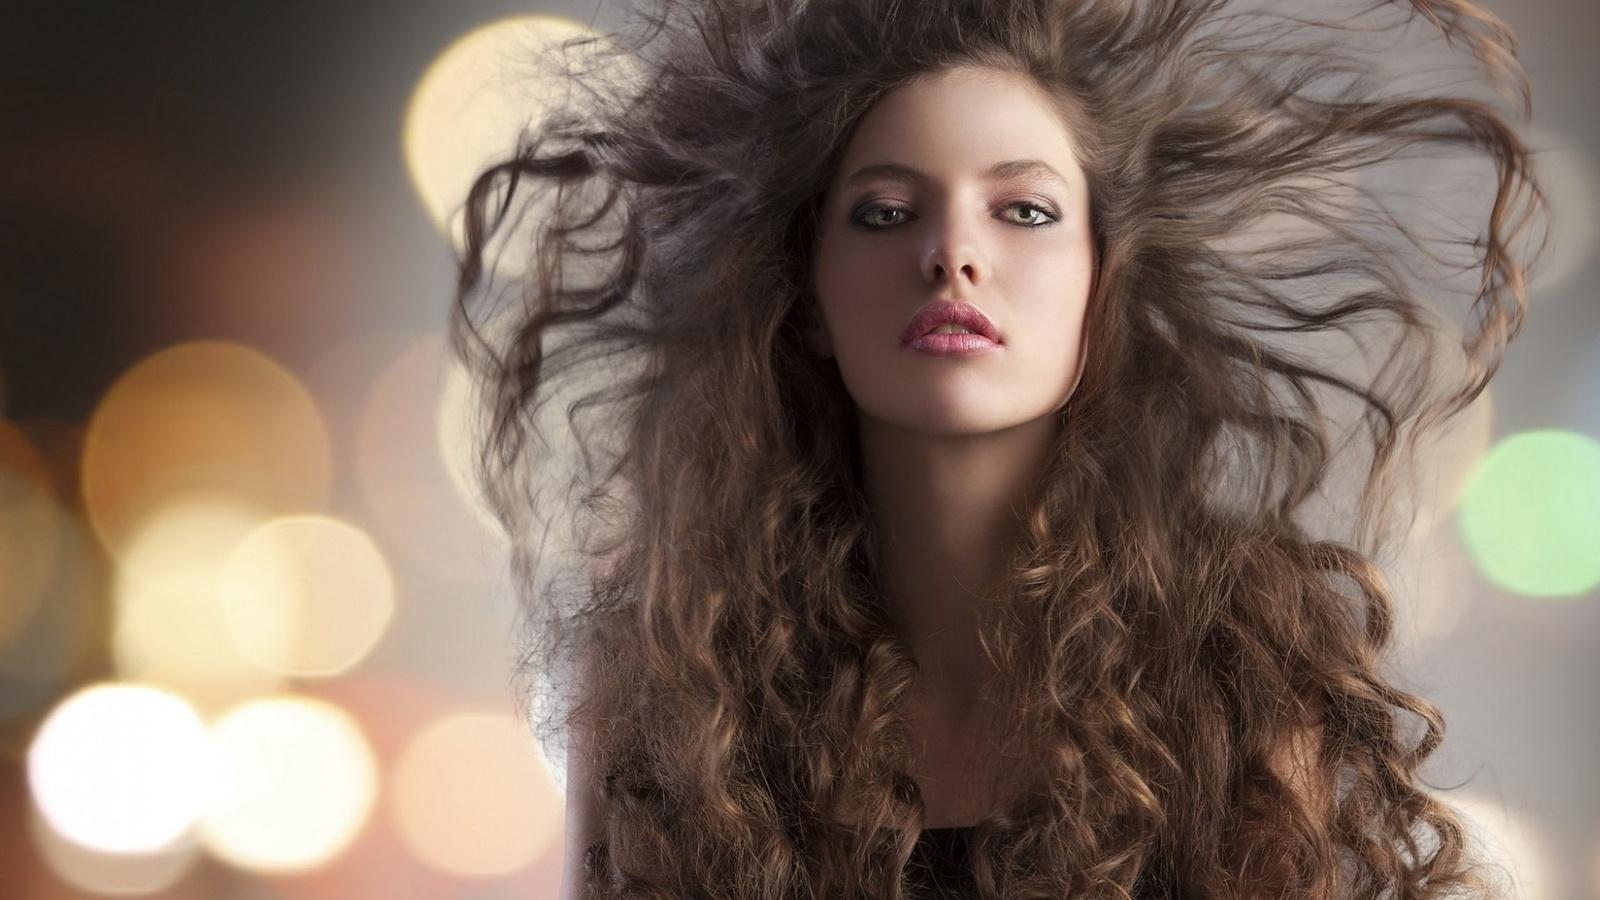 Телочки с волосами, Волосатые киски - Смотреть порно онлайн, секс видео 2 фотография